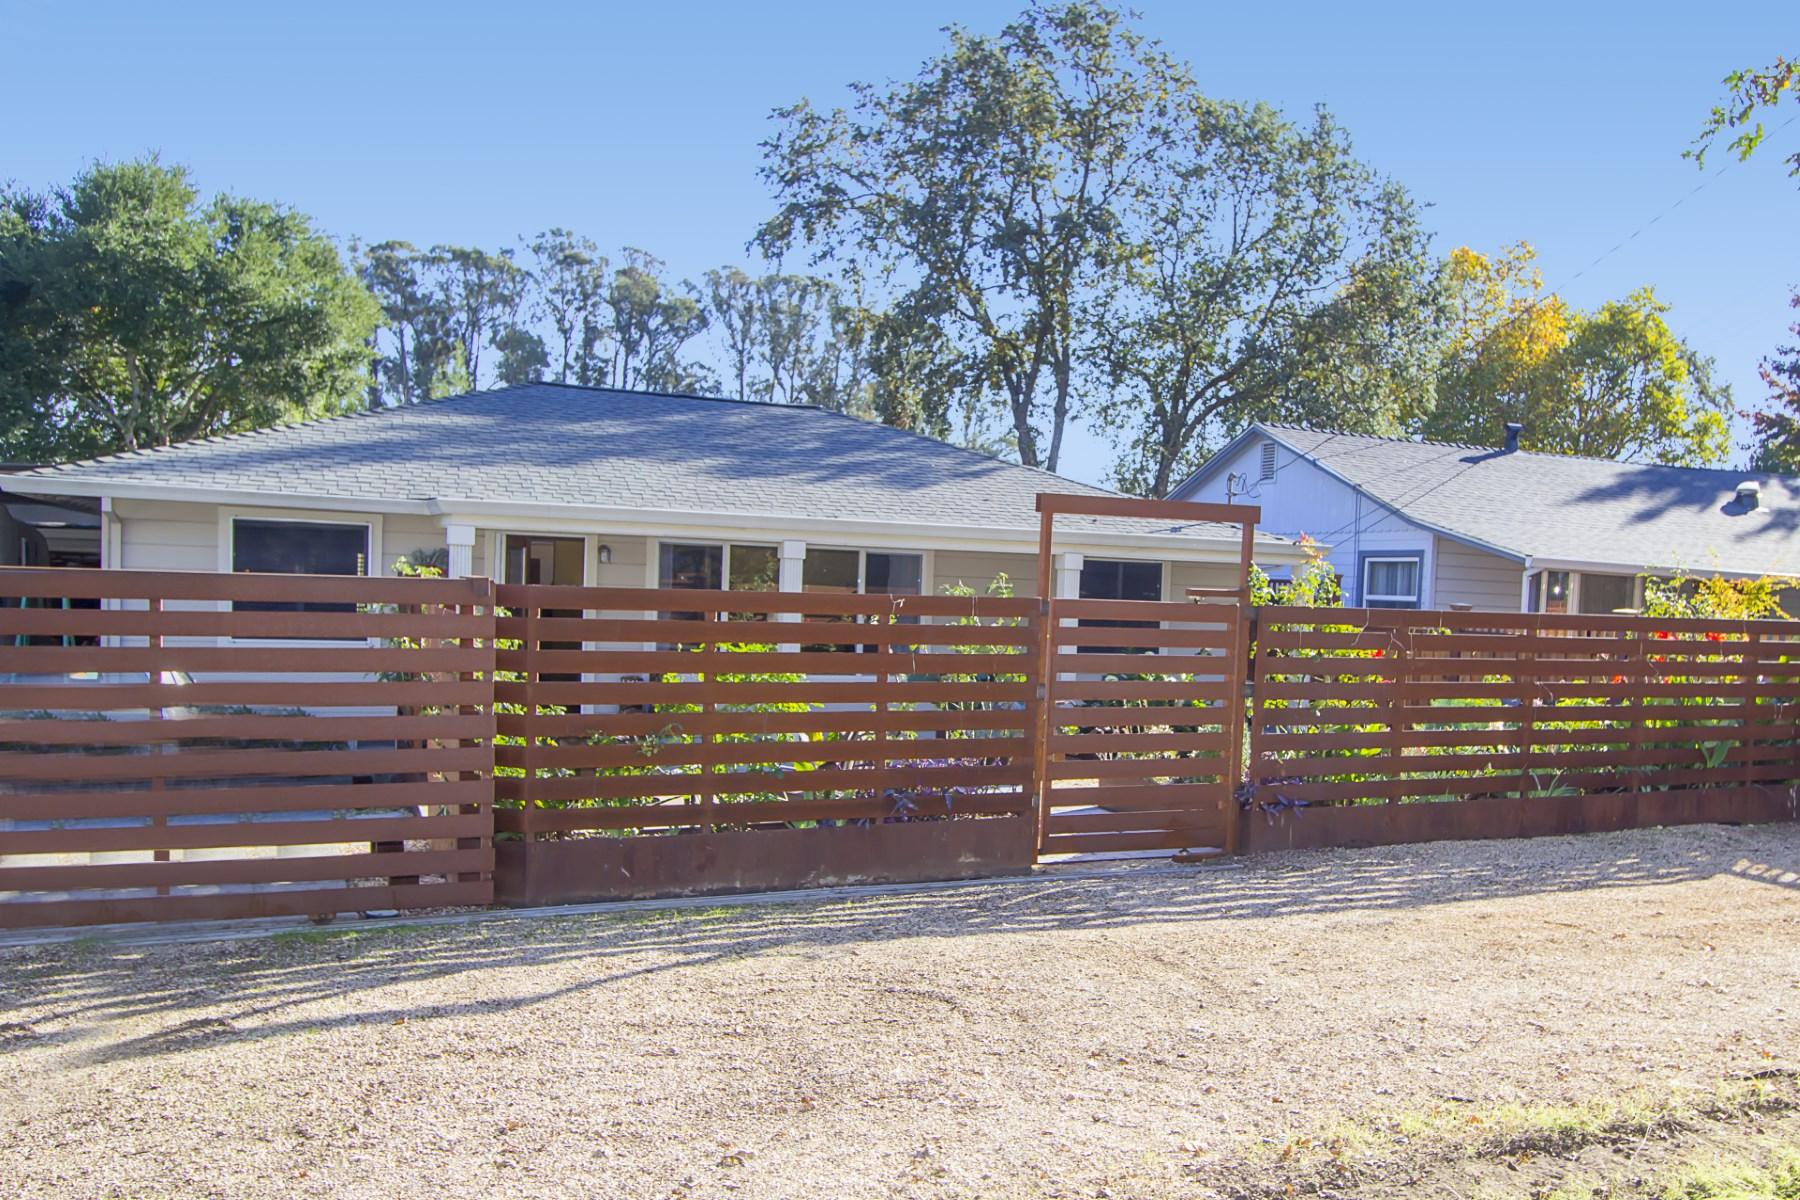 Moradia para Venda às Country Flair Close to Square 1130 Solano Ave Sonoma, Califórnia, 95476 Estados Unidos